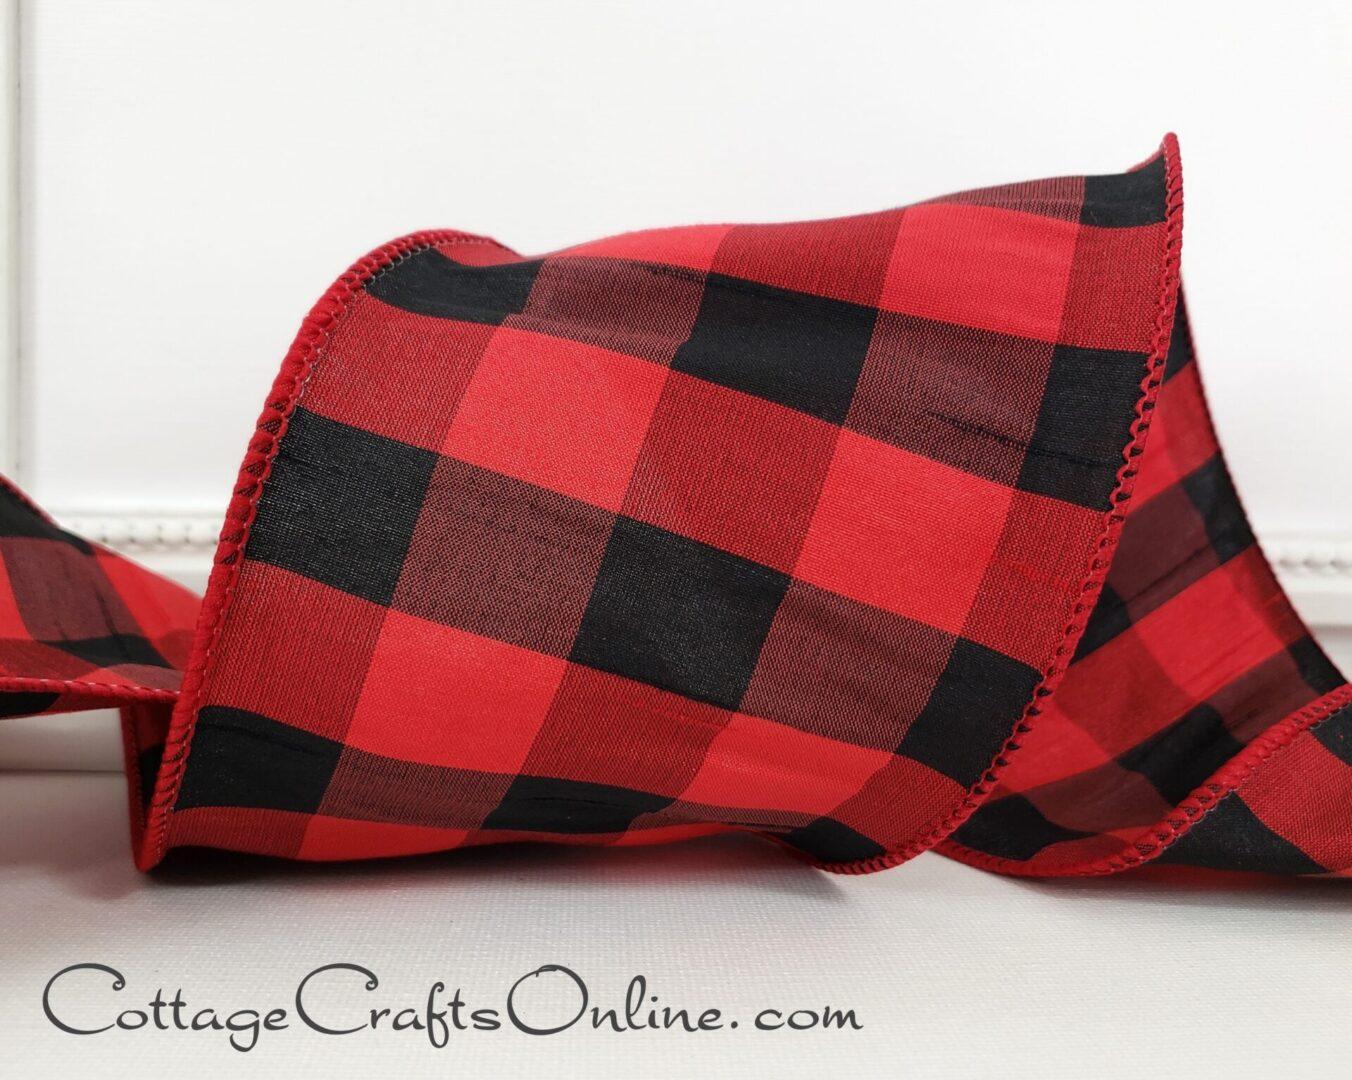 Red black duffalo check plaid dupioni eva-0001